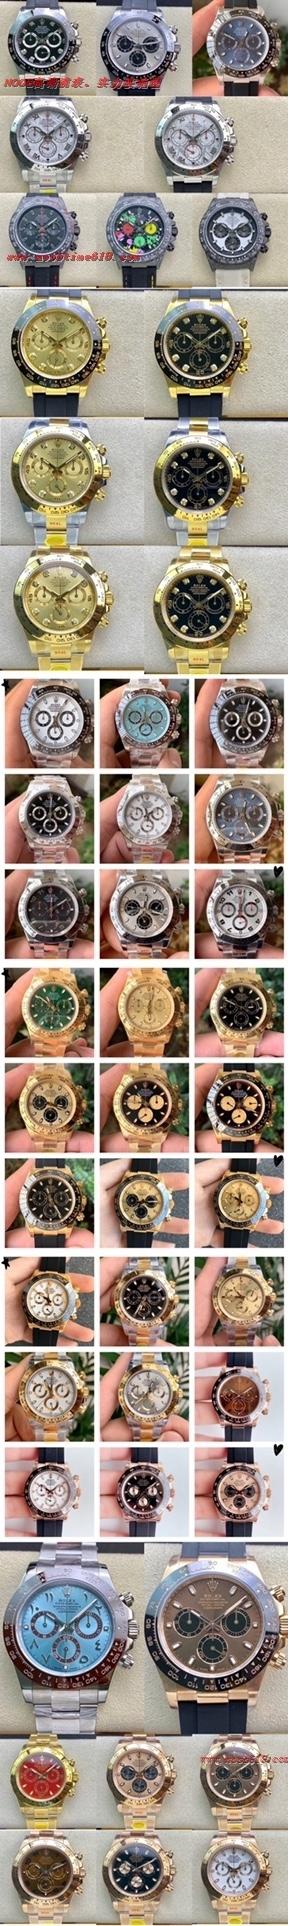 做銷售的各階段人士應該戴什麼樣的腕表